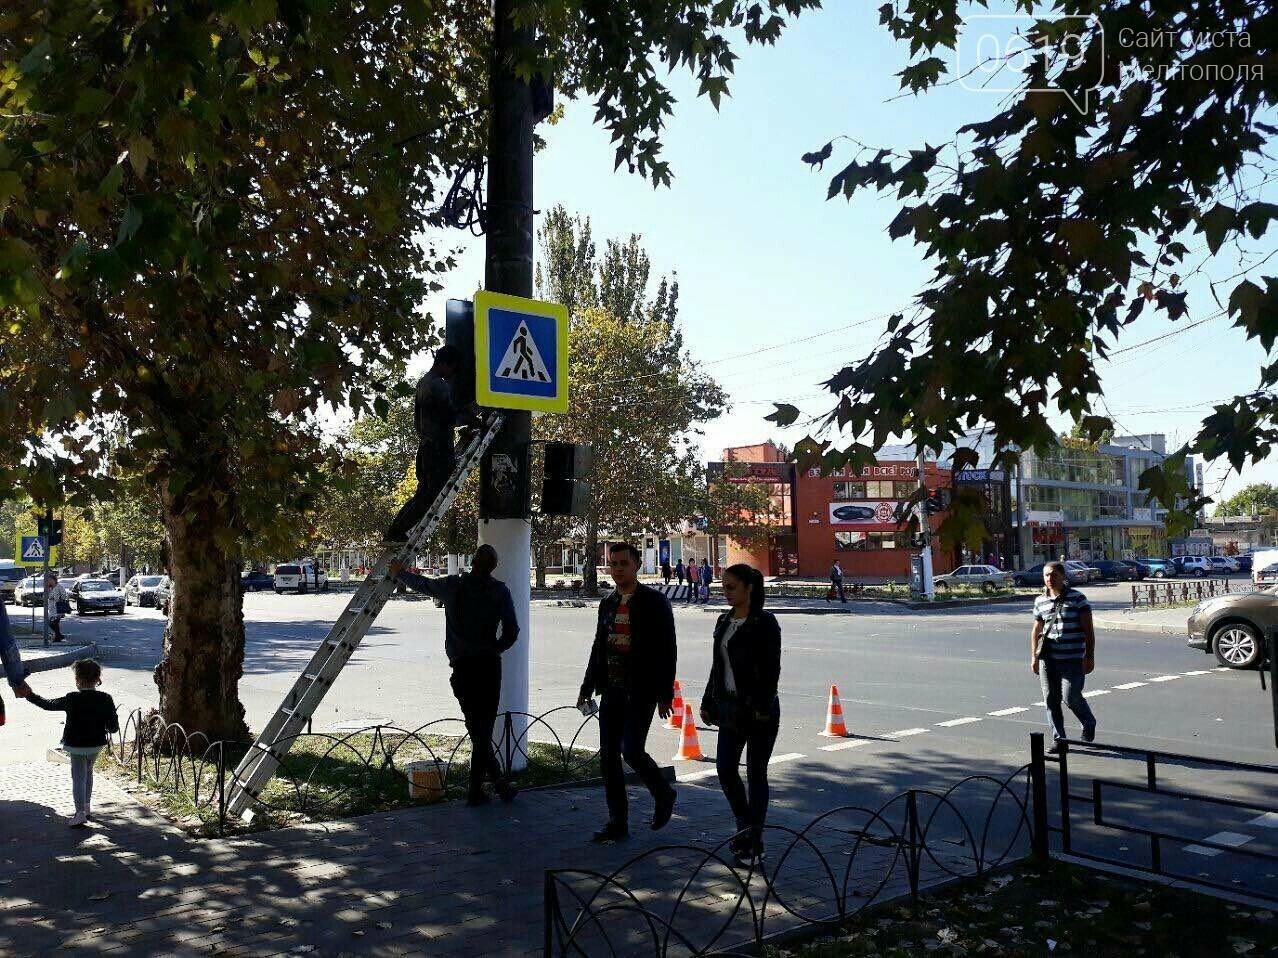 На микрорайоне устанавливают новые дорожные знаки , фото-2, Фото сайта 0619